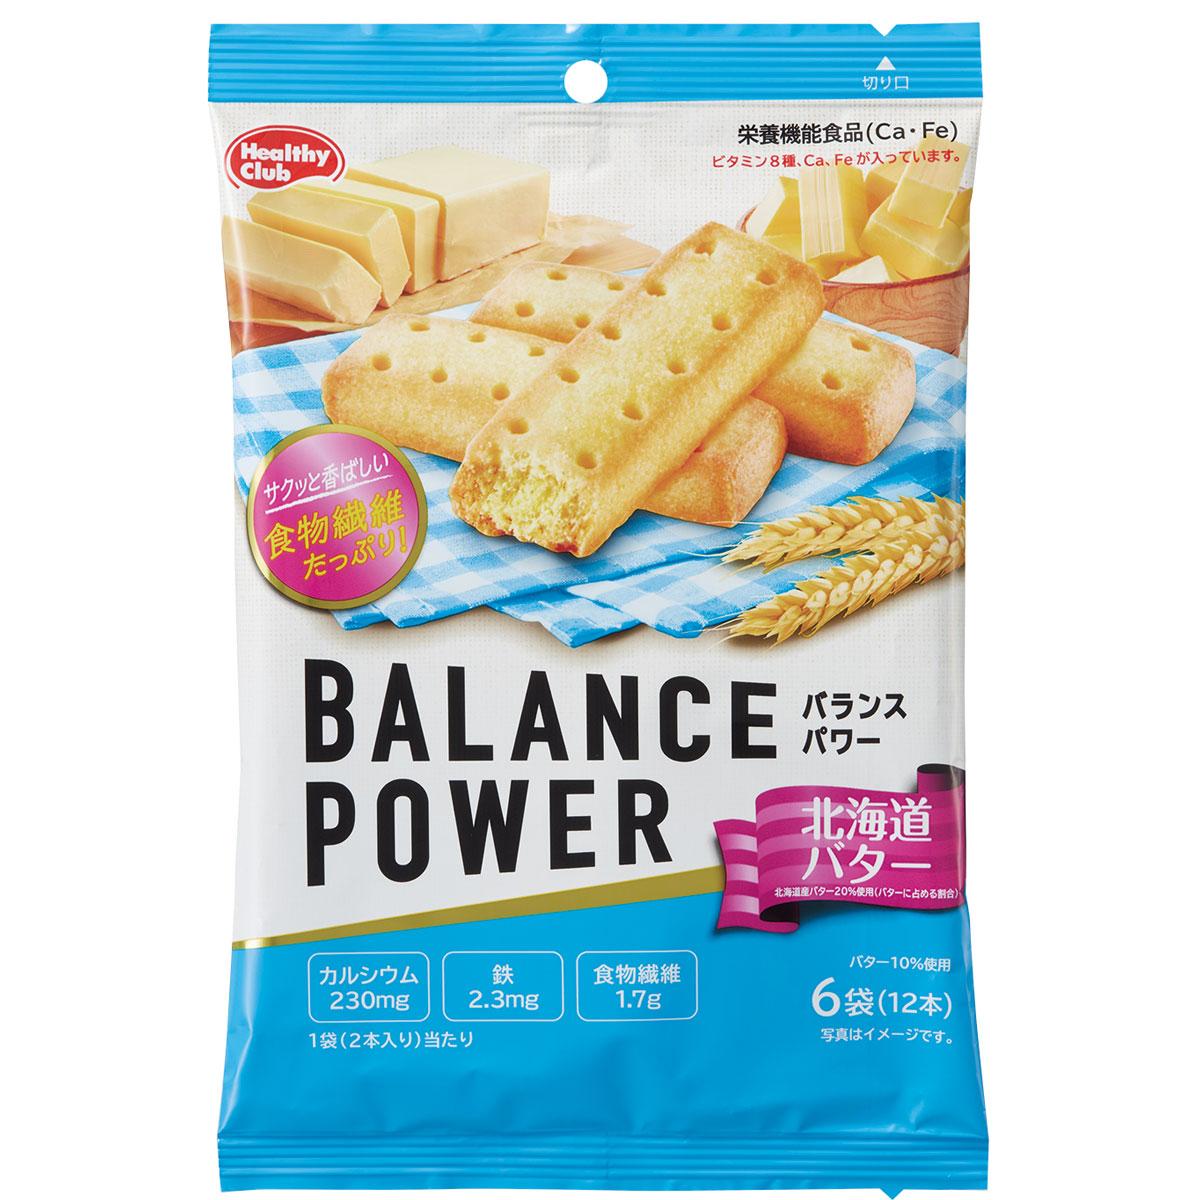 ※バランスパワー 北海道バター味 6袋(12本入)